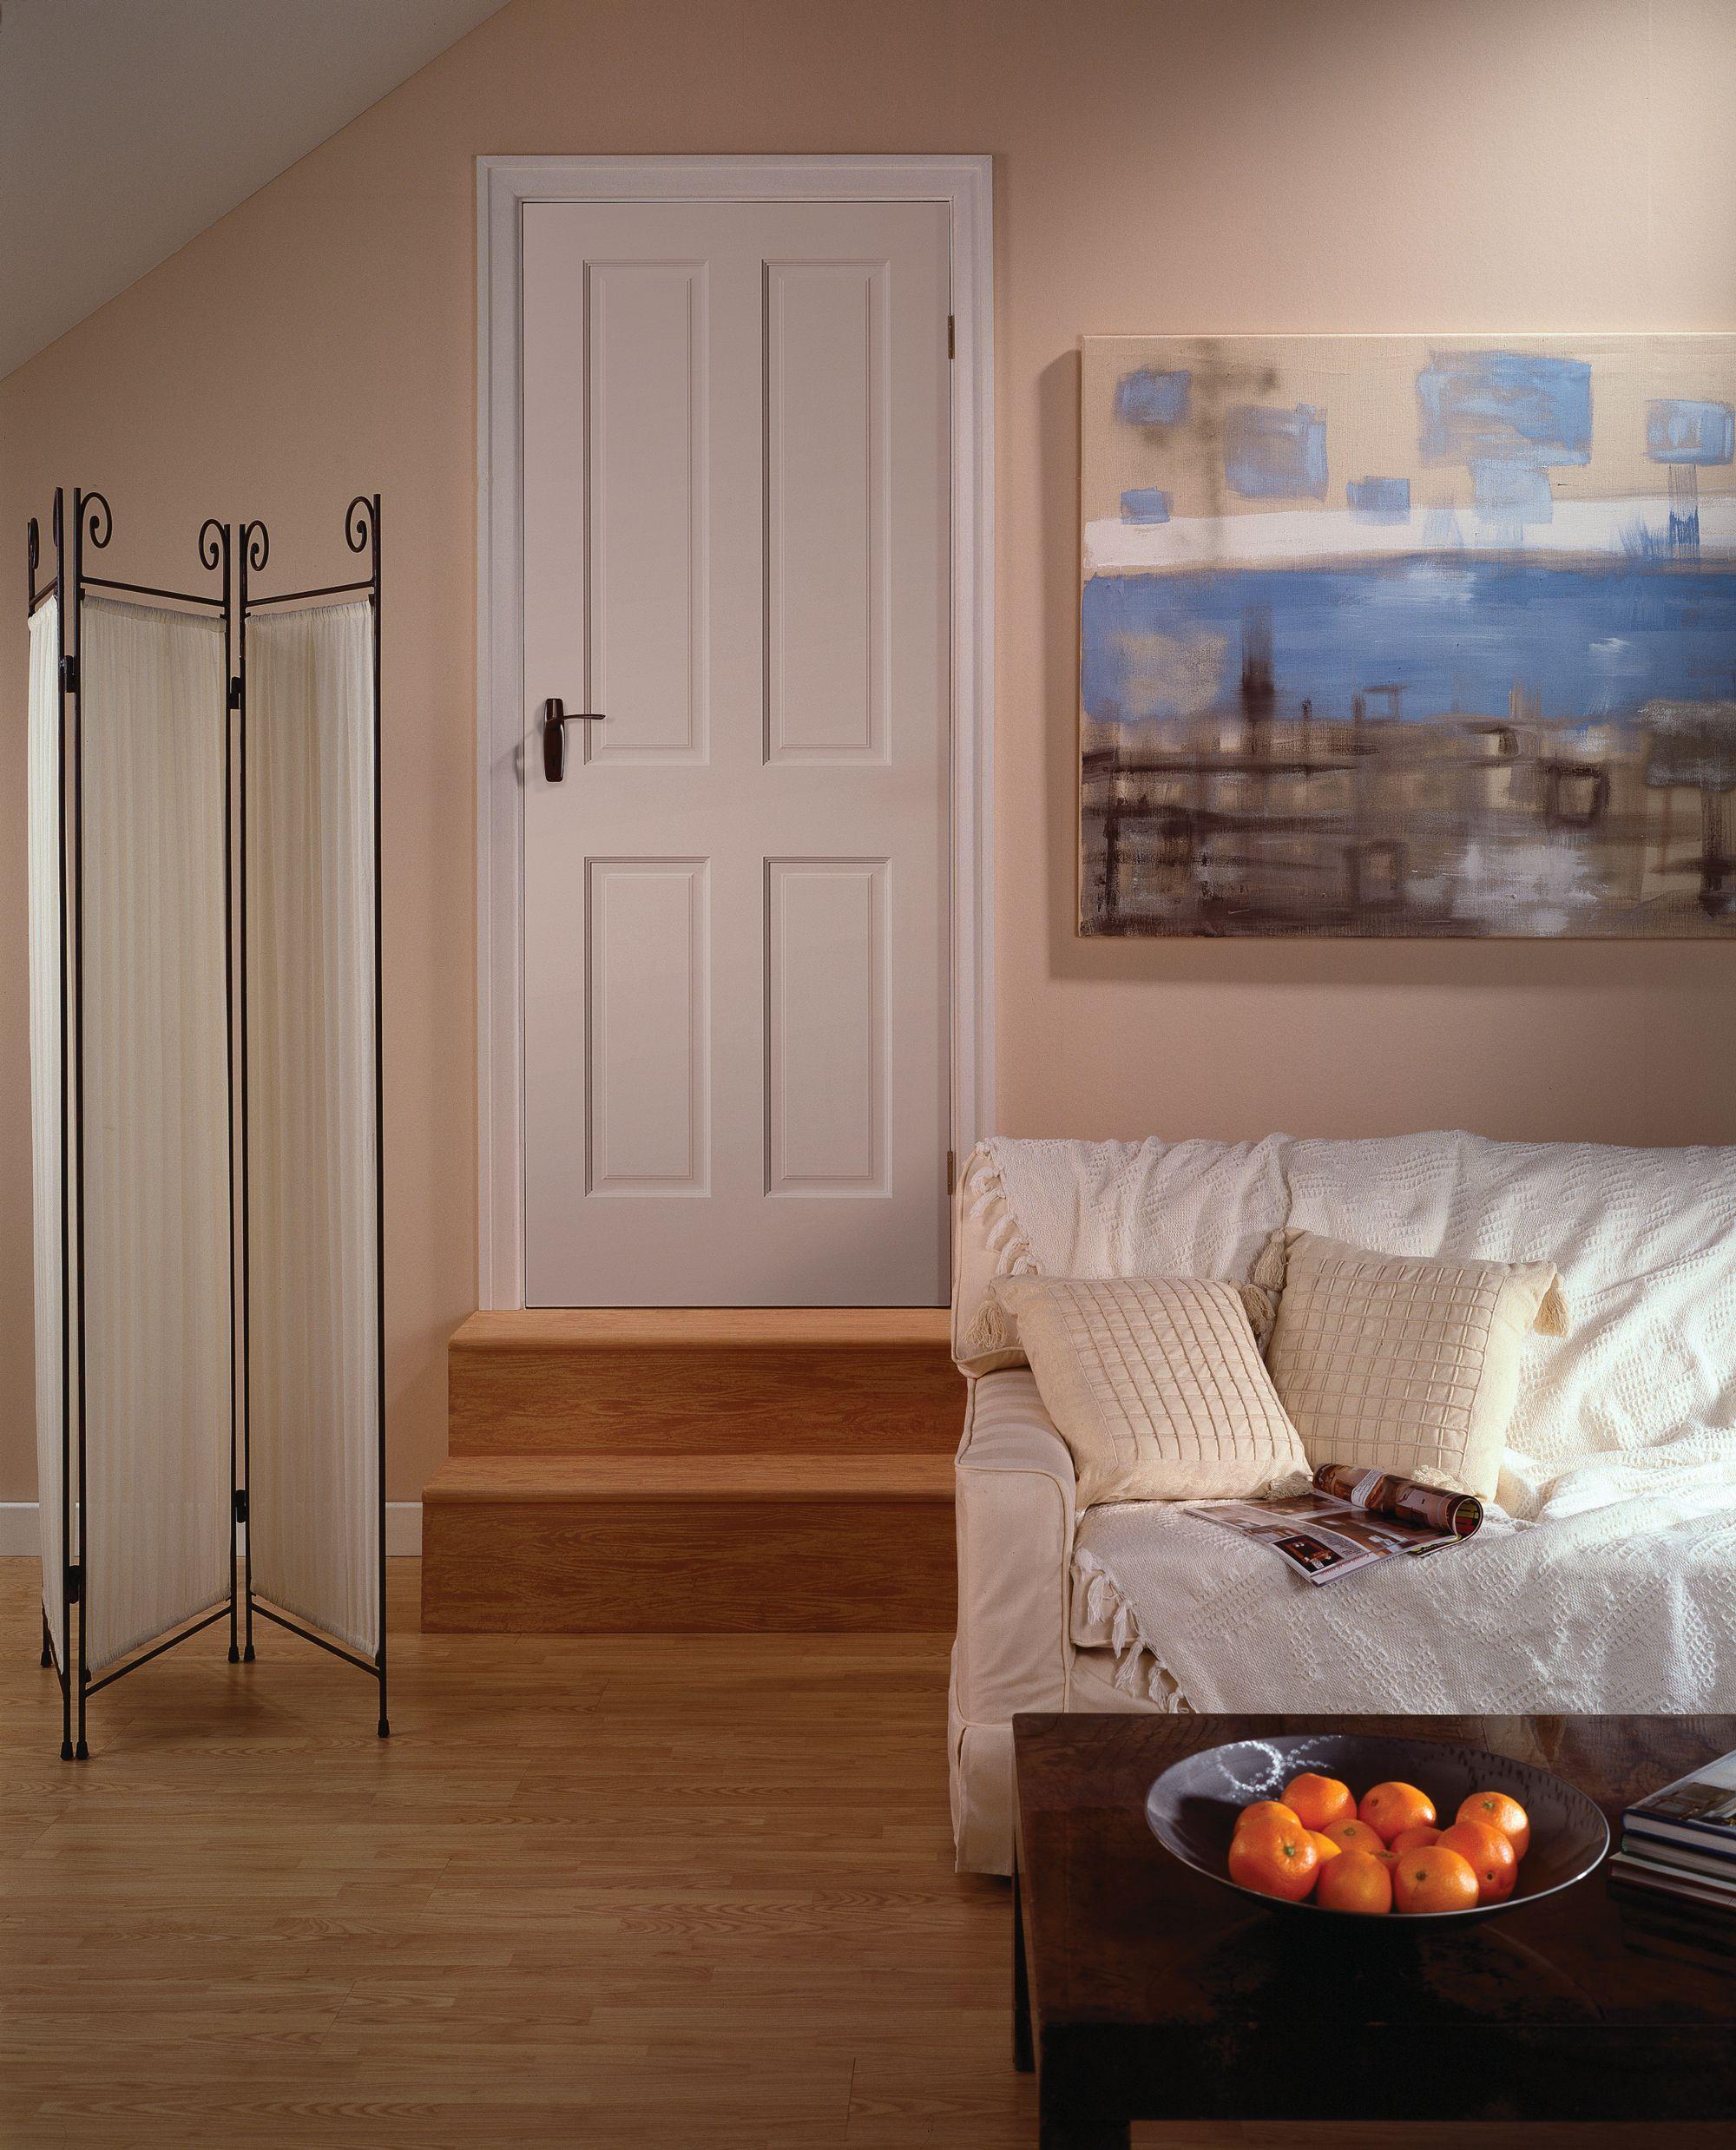 craftsman interior style series winslow pin door masonite doors bathroom heritage